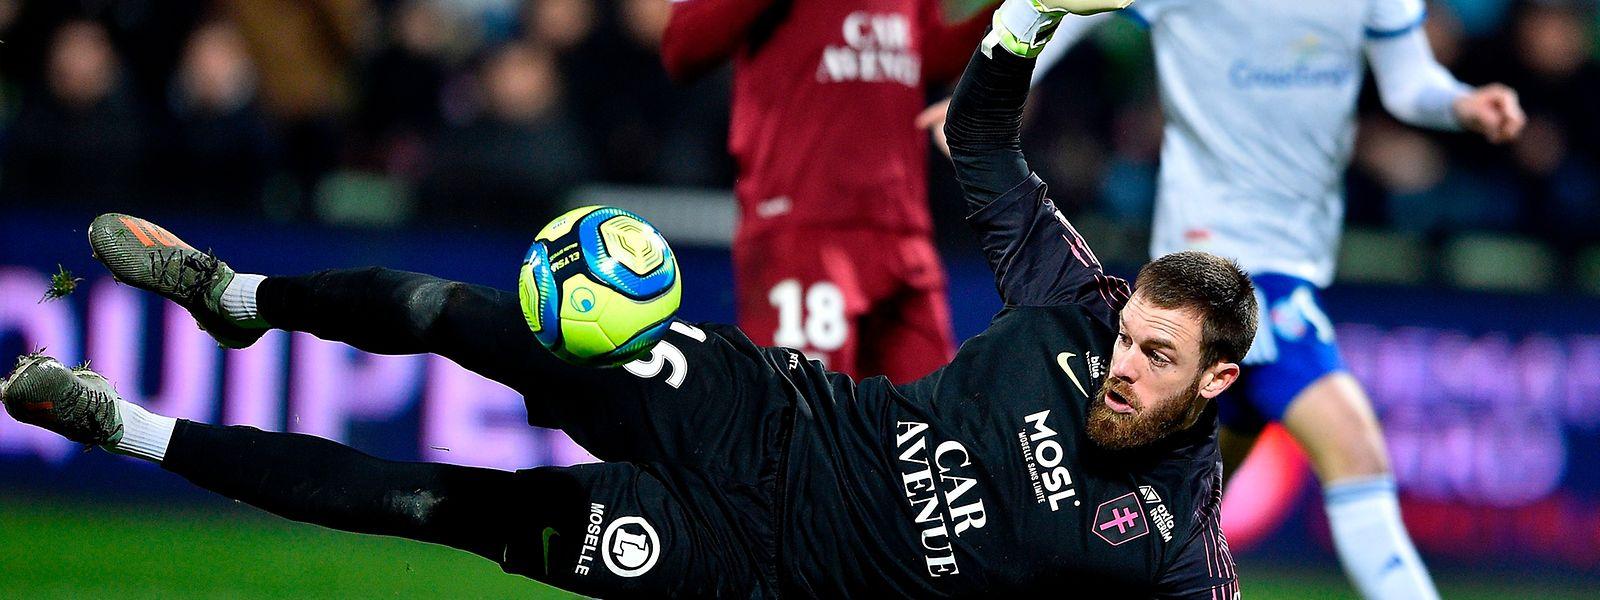 Alexandre Oukidja en situation délicate mais au bout du compte, le FC Metz a dominé Strasbourg 1-0.